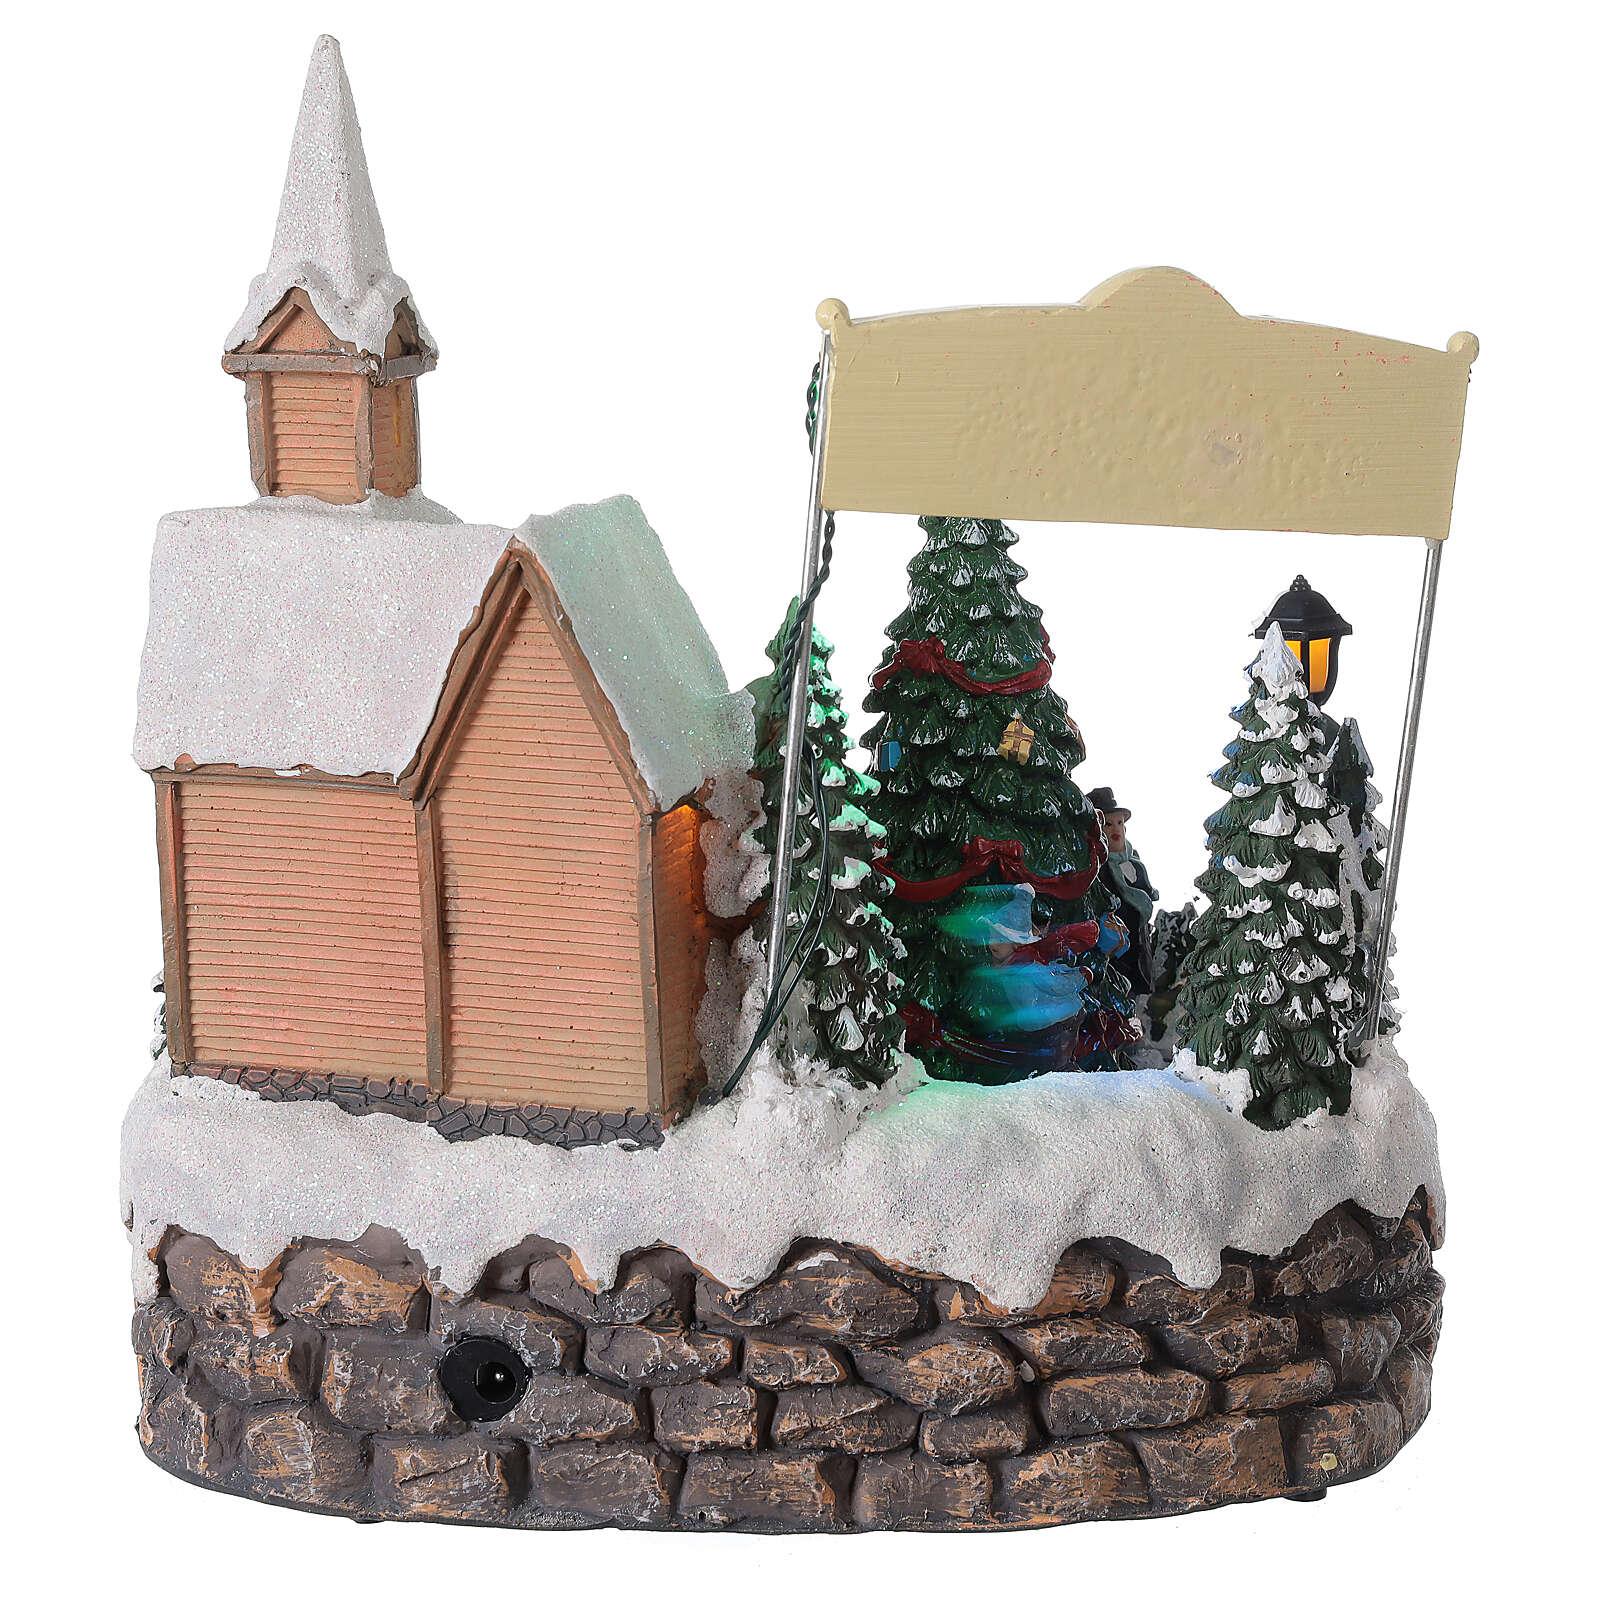 Villaggio Natale luminoso chiesa cori pattinatori musica 20x25x25 cm 3